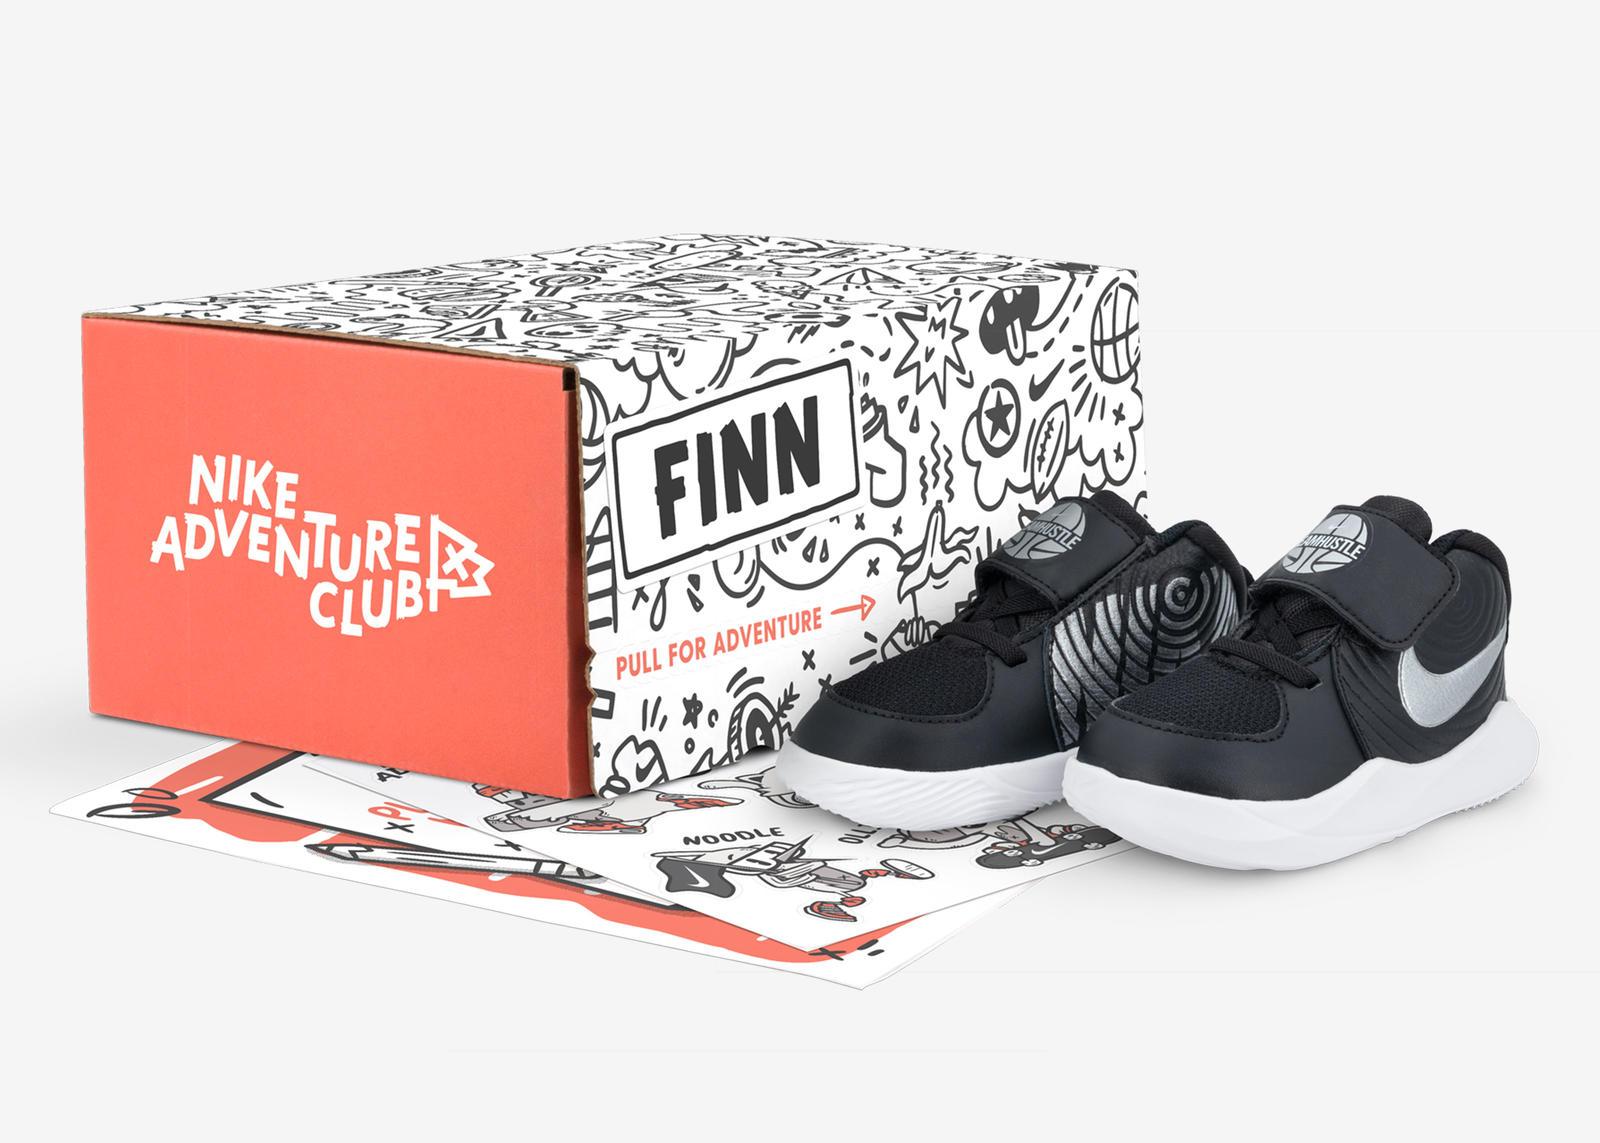 이제 신발도 구독 서비스 시대..나이키, 나이키 어드벤처 클럽 출시